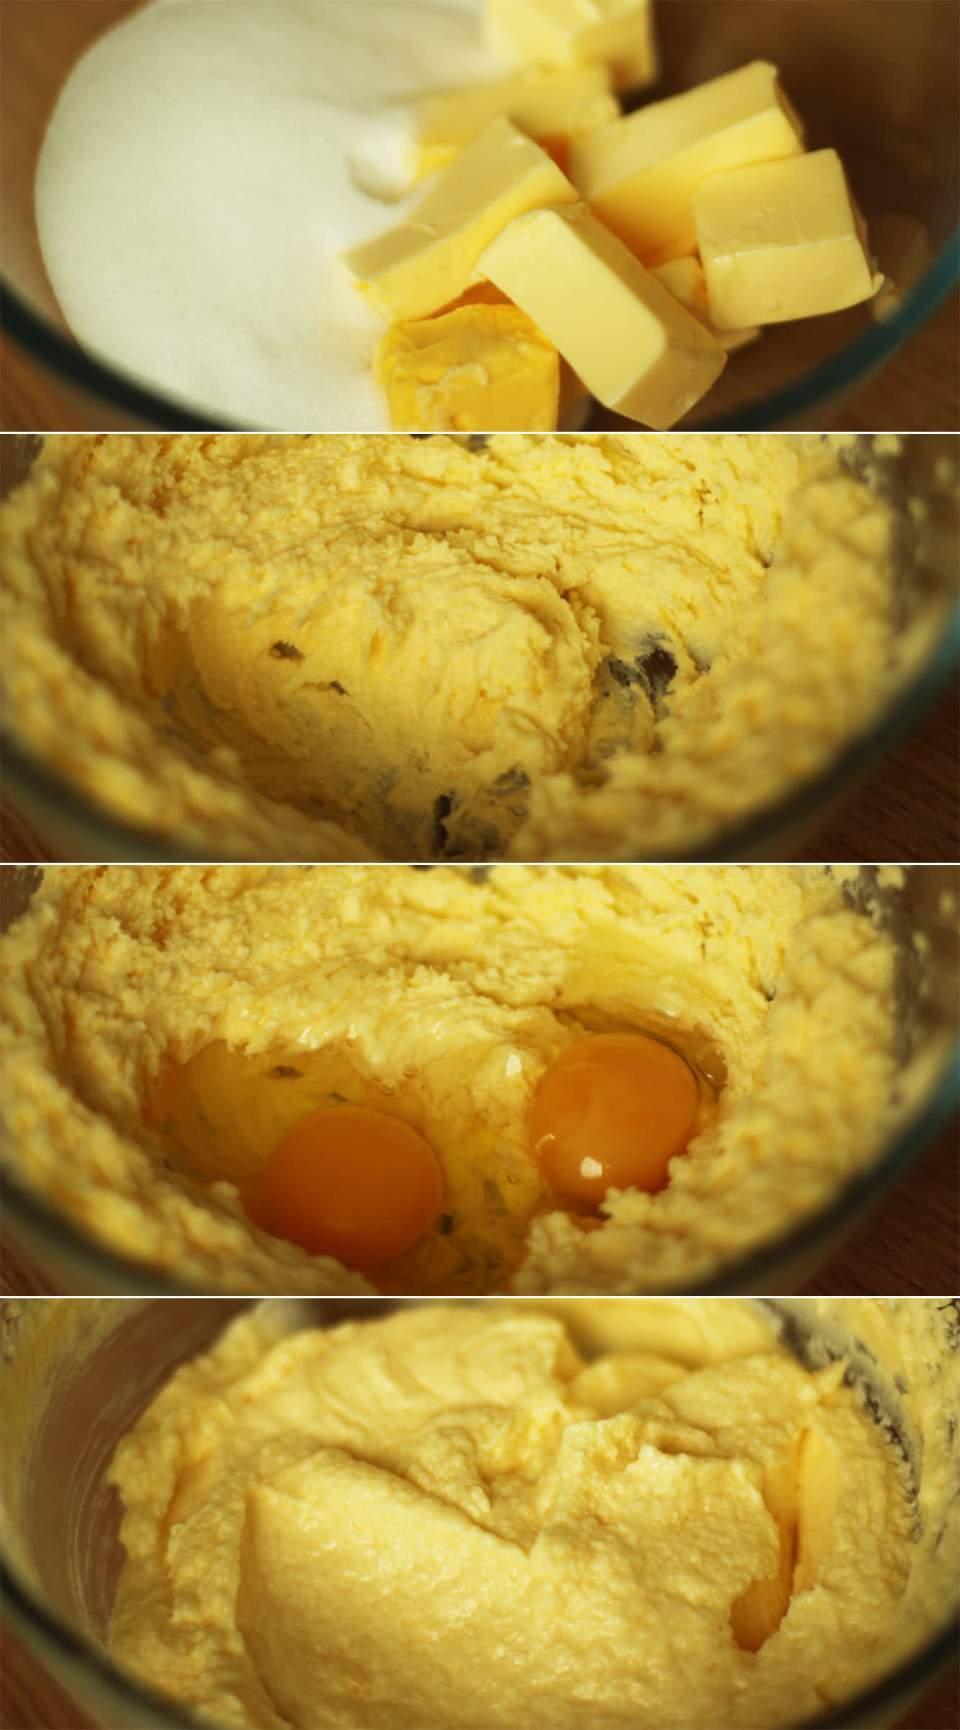 tunnocks-teacakes-cupcake-recipe-2